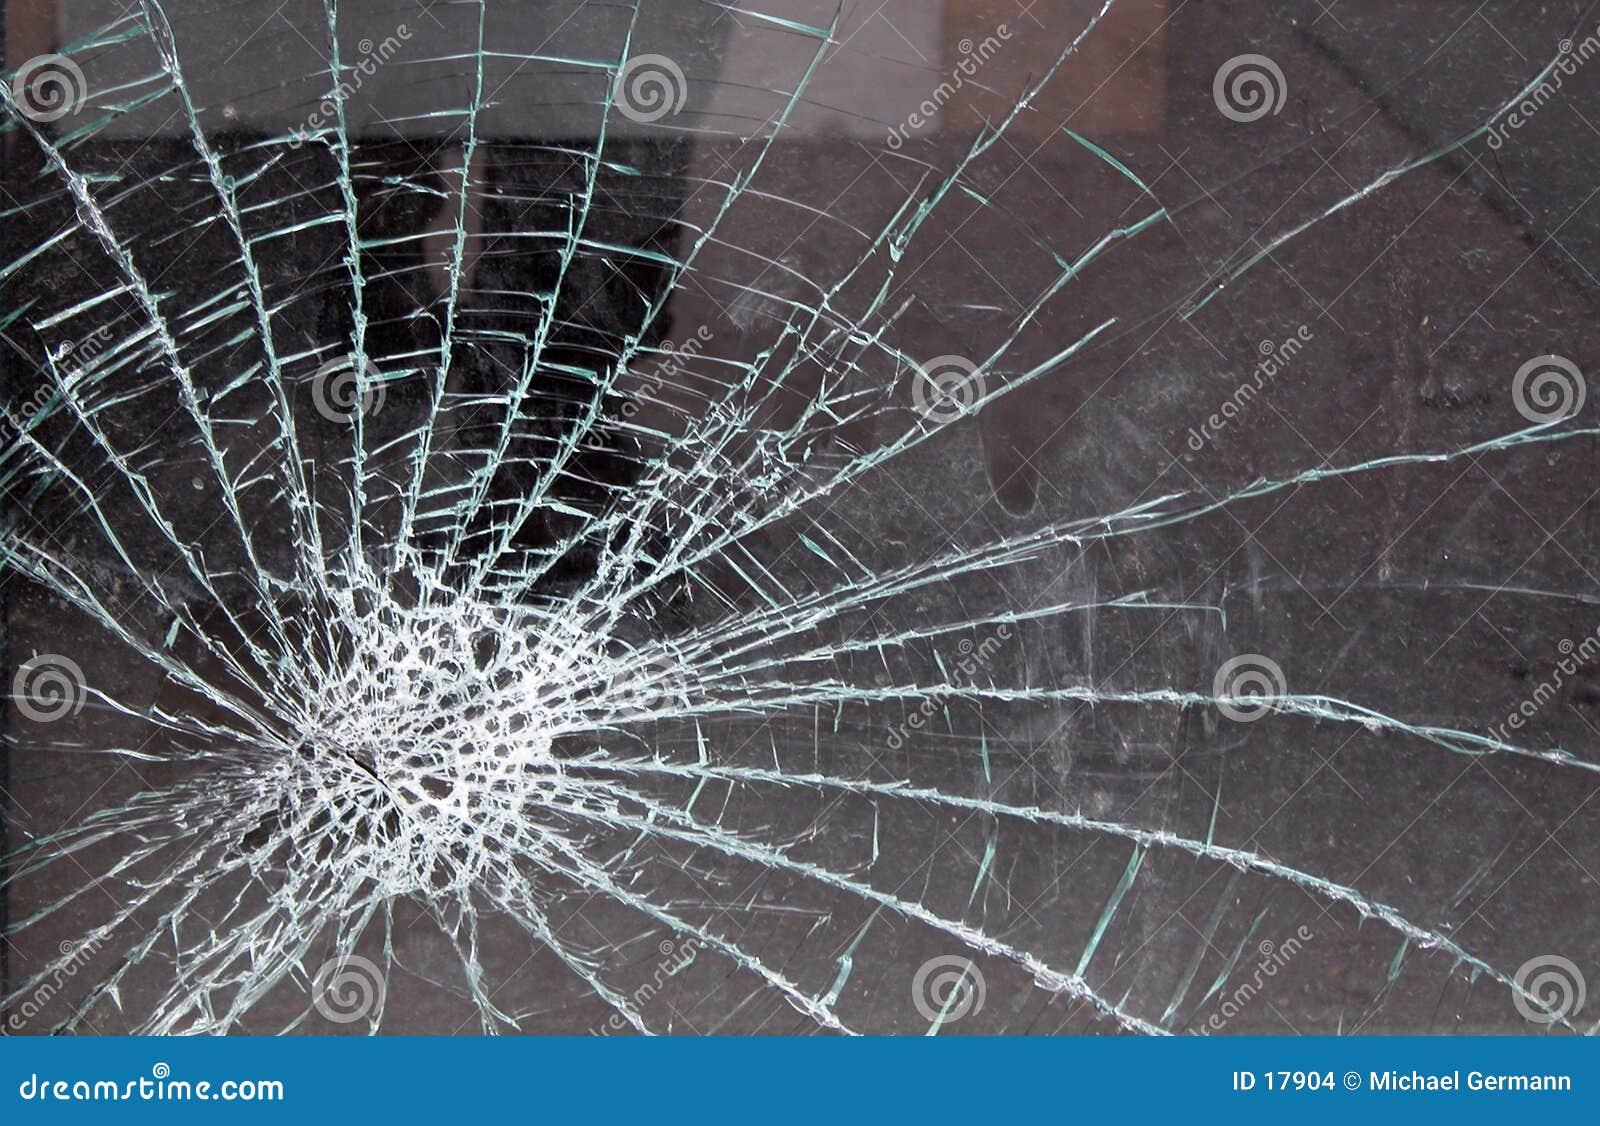 zerbrochenes glas stockfoto bild von zerbrechlich gebrochen 17904. Black Bedroom Furniture Sets. Home Design Ideas